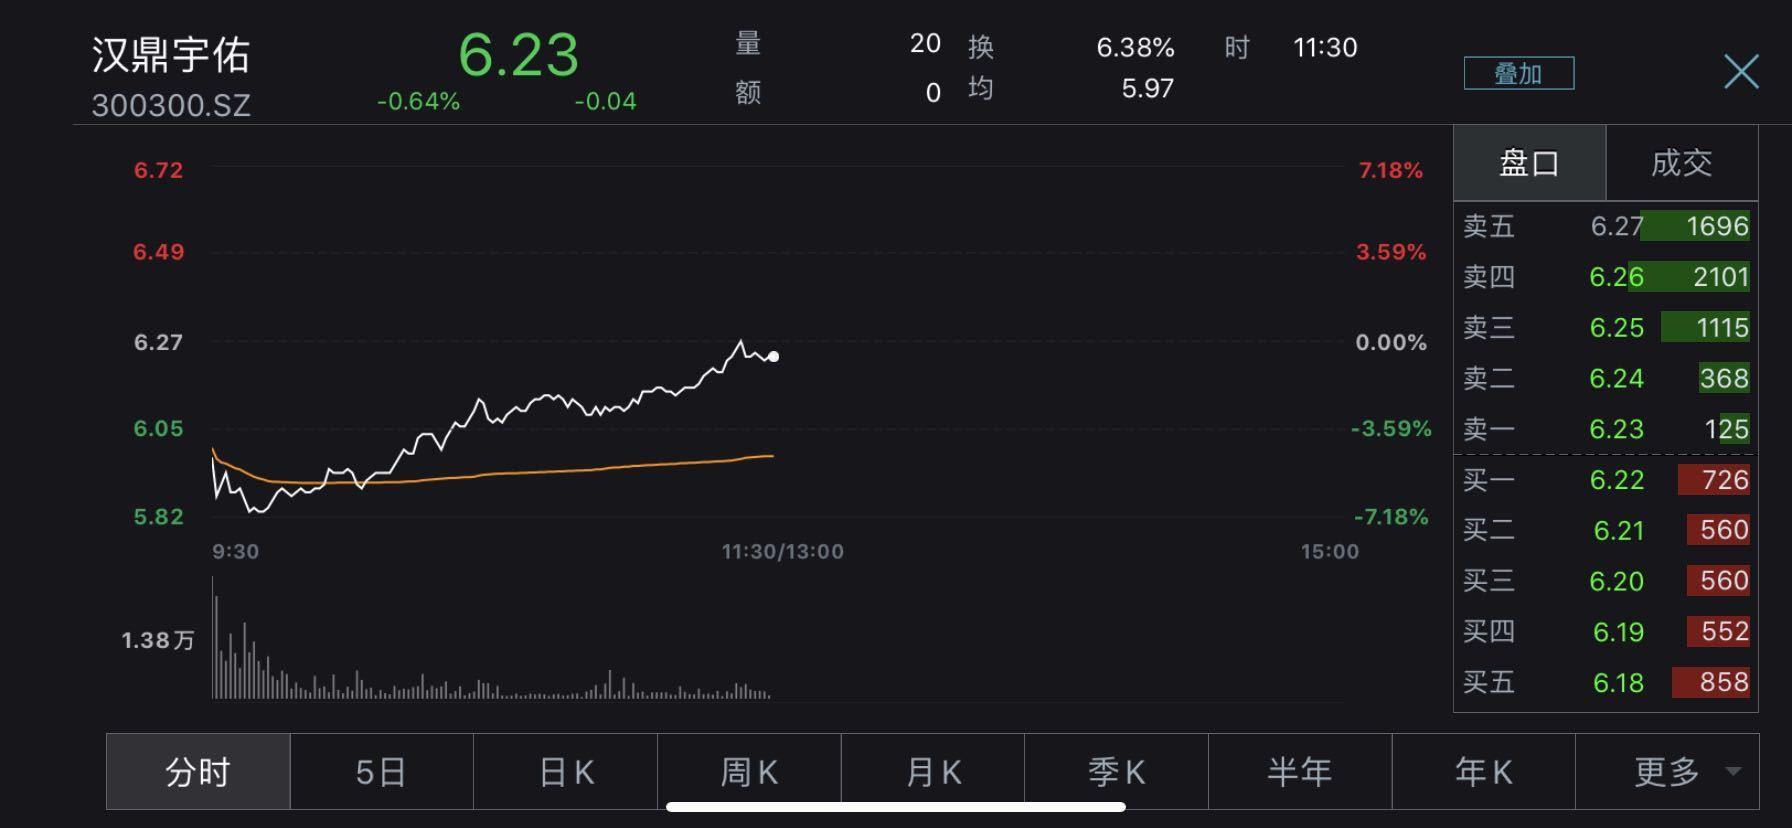 微贷网被查背后:80后创始人曾登胡润富豪榜 自称不善言辞